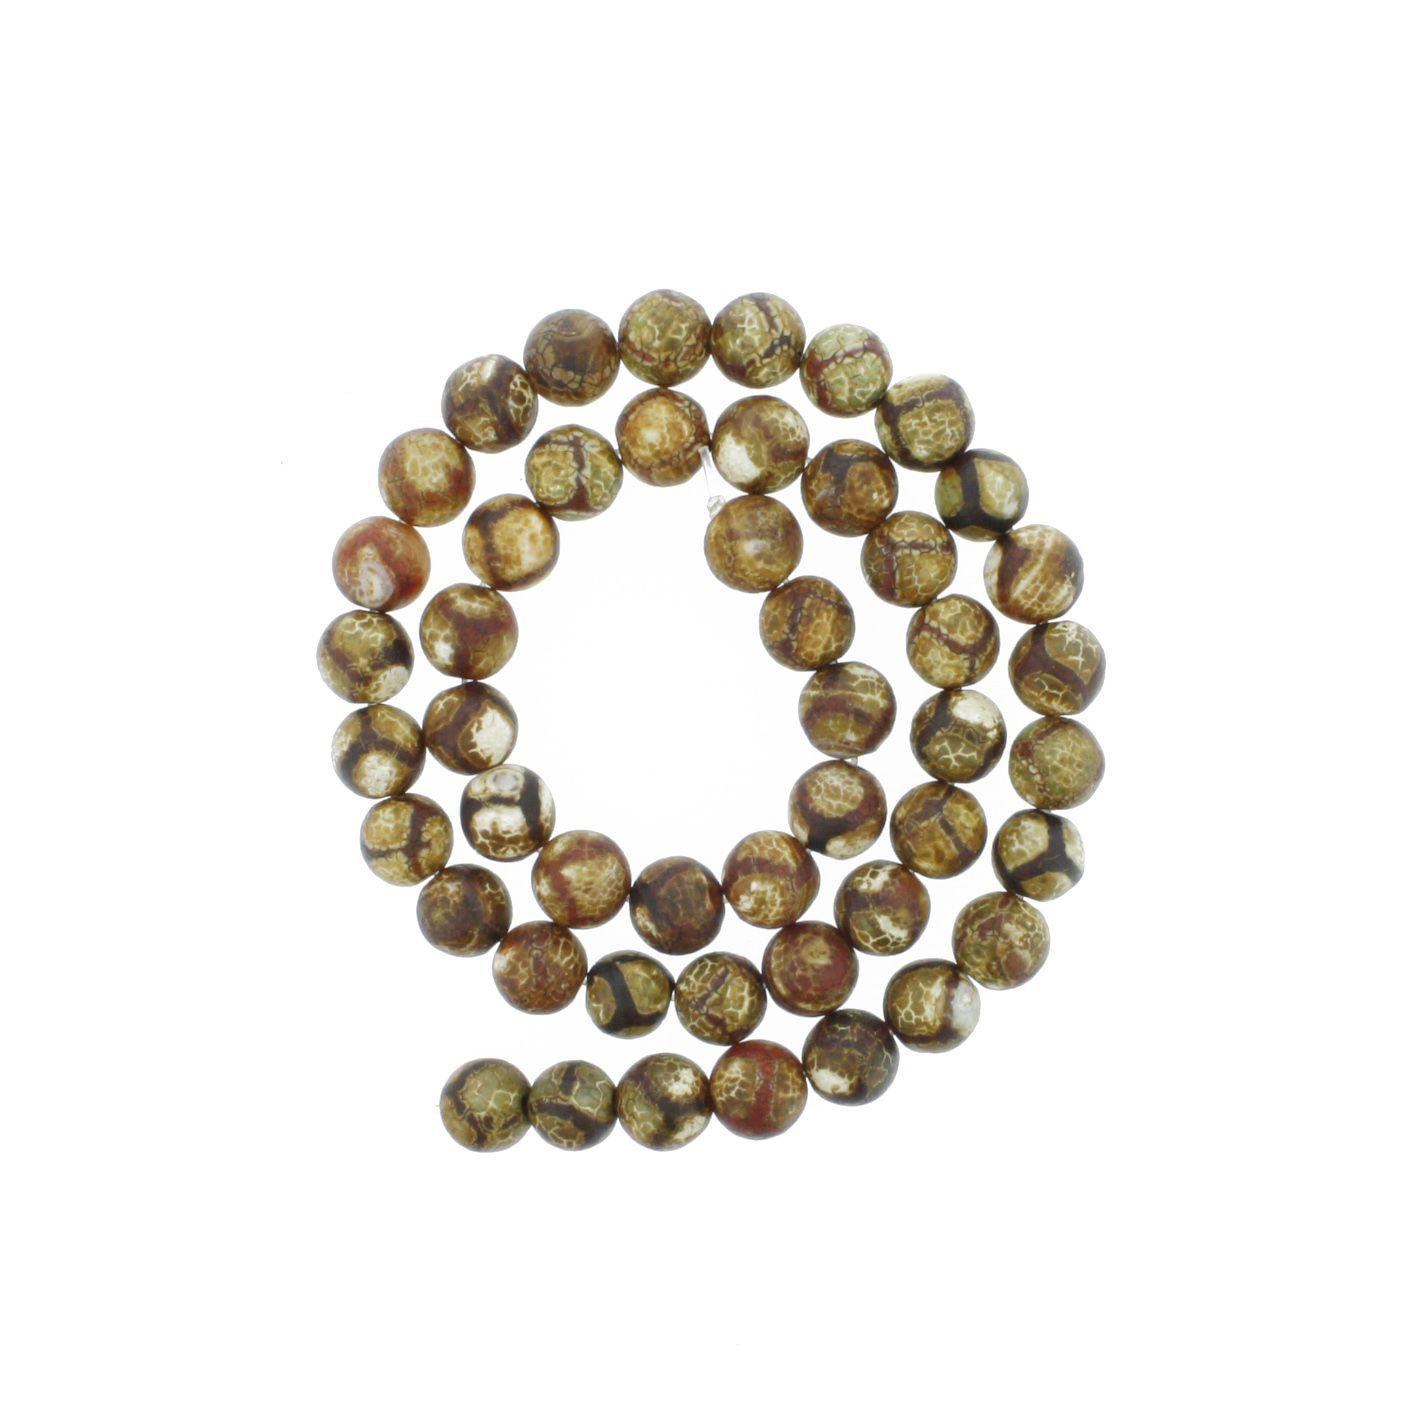 Fio de Pedra - Ágata Tibetana - 8mm  - Stéphanie Bijoux® - Peças para Bijuterias e Artesanato